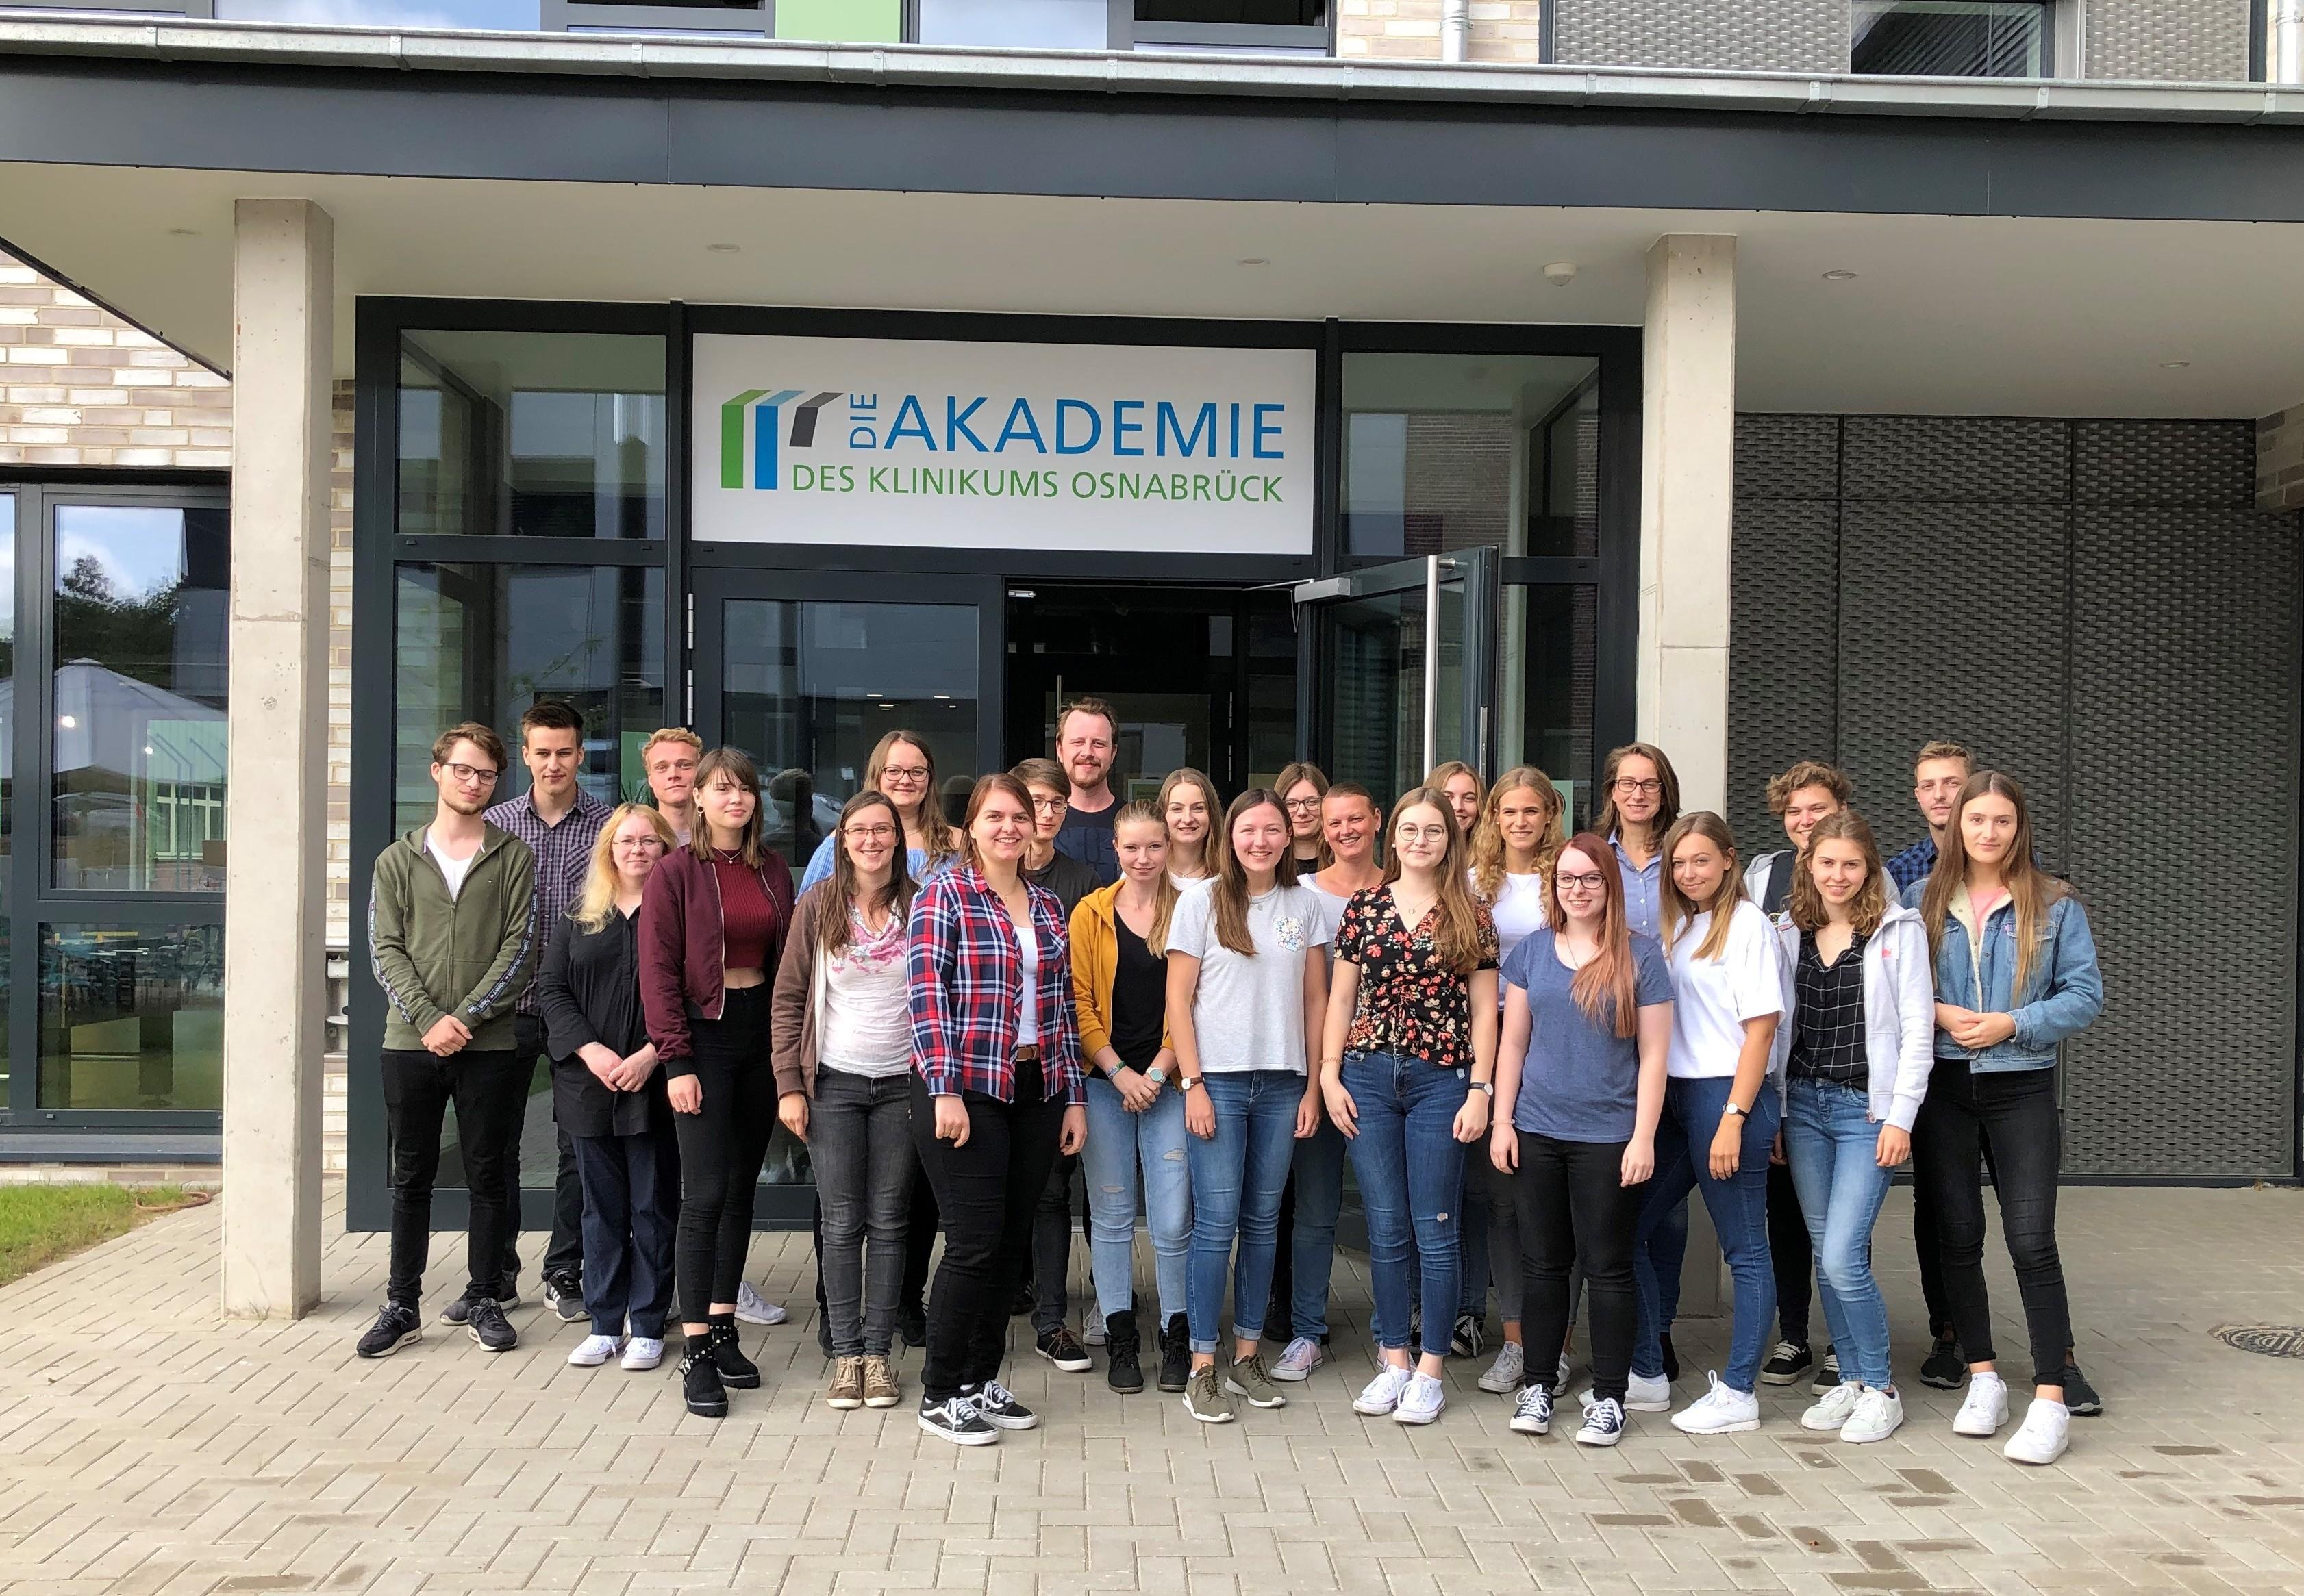 Wir begrüßen die neuen Auszubildenden der MTLA-Schule an der Akademie des Klinikums Osnabrück!